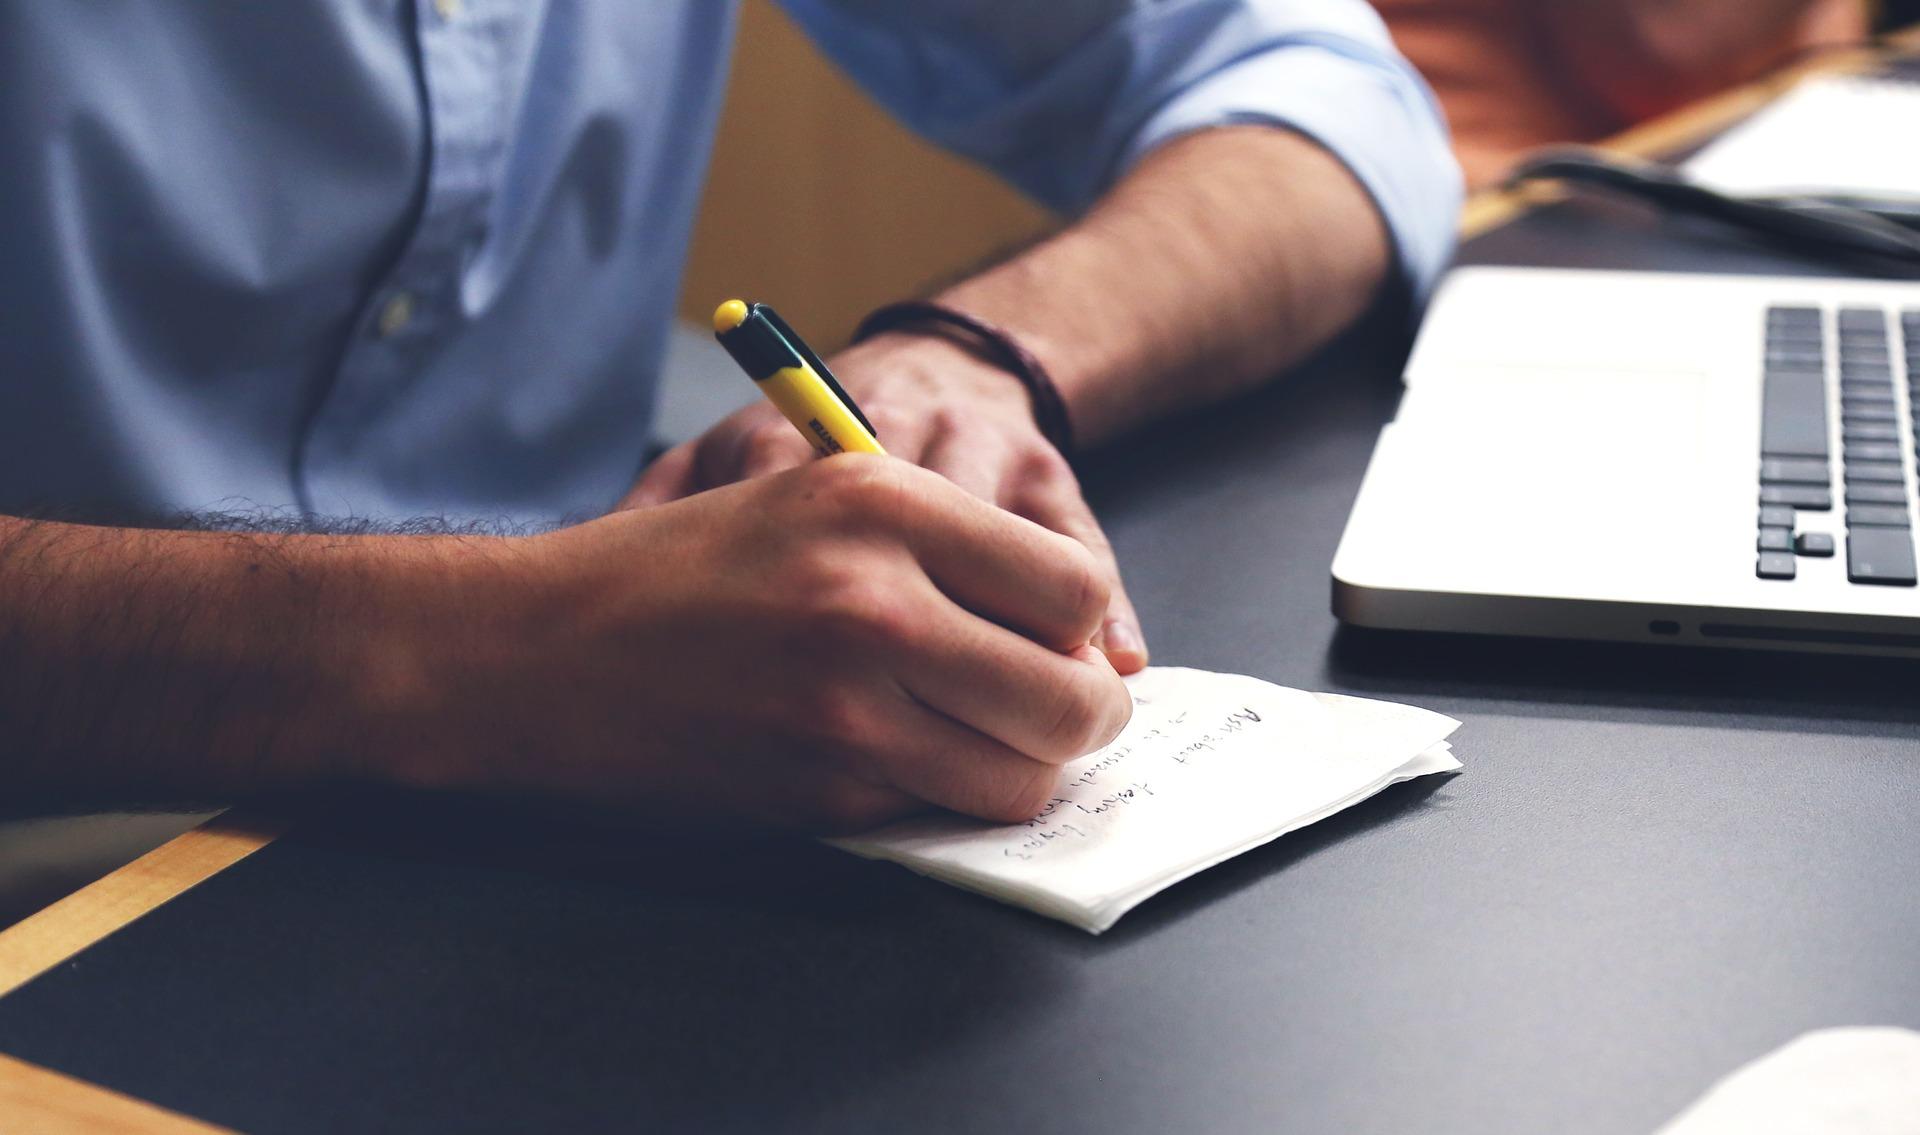 Studeertips - Hoe kun je het beste leren, studeren of blokken?